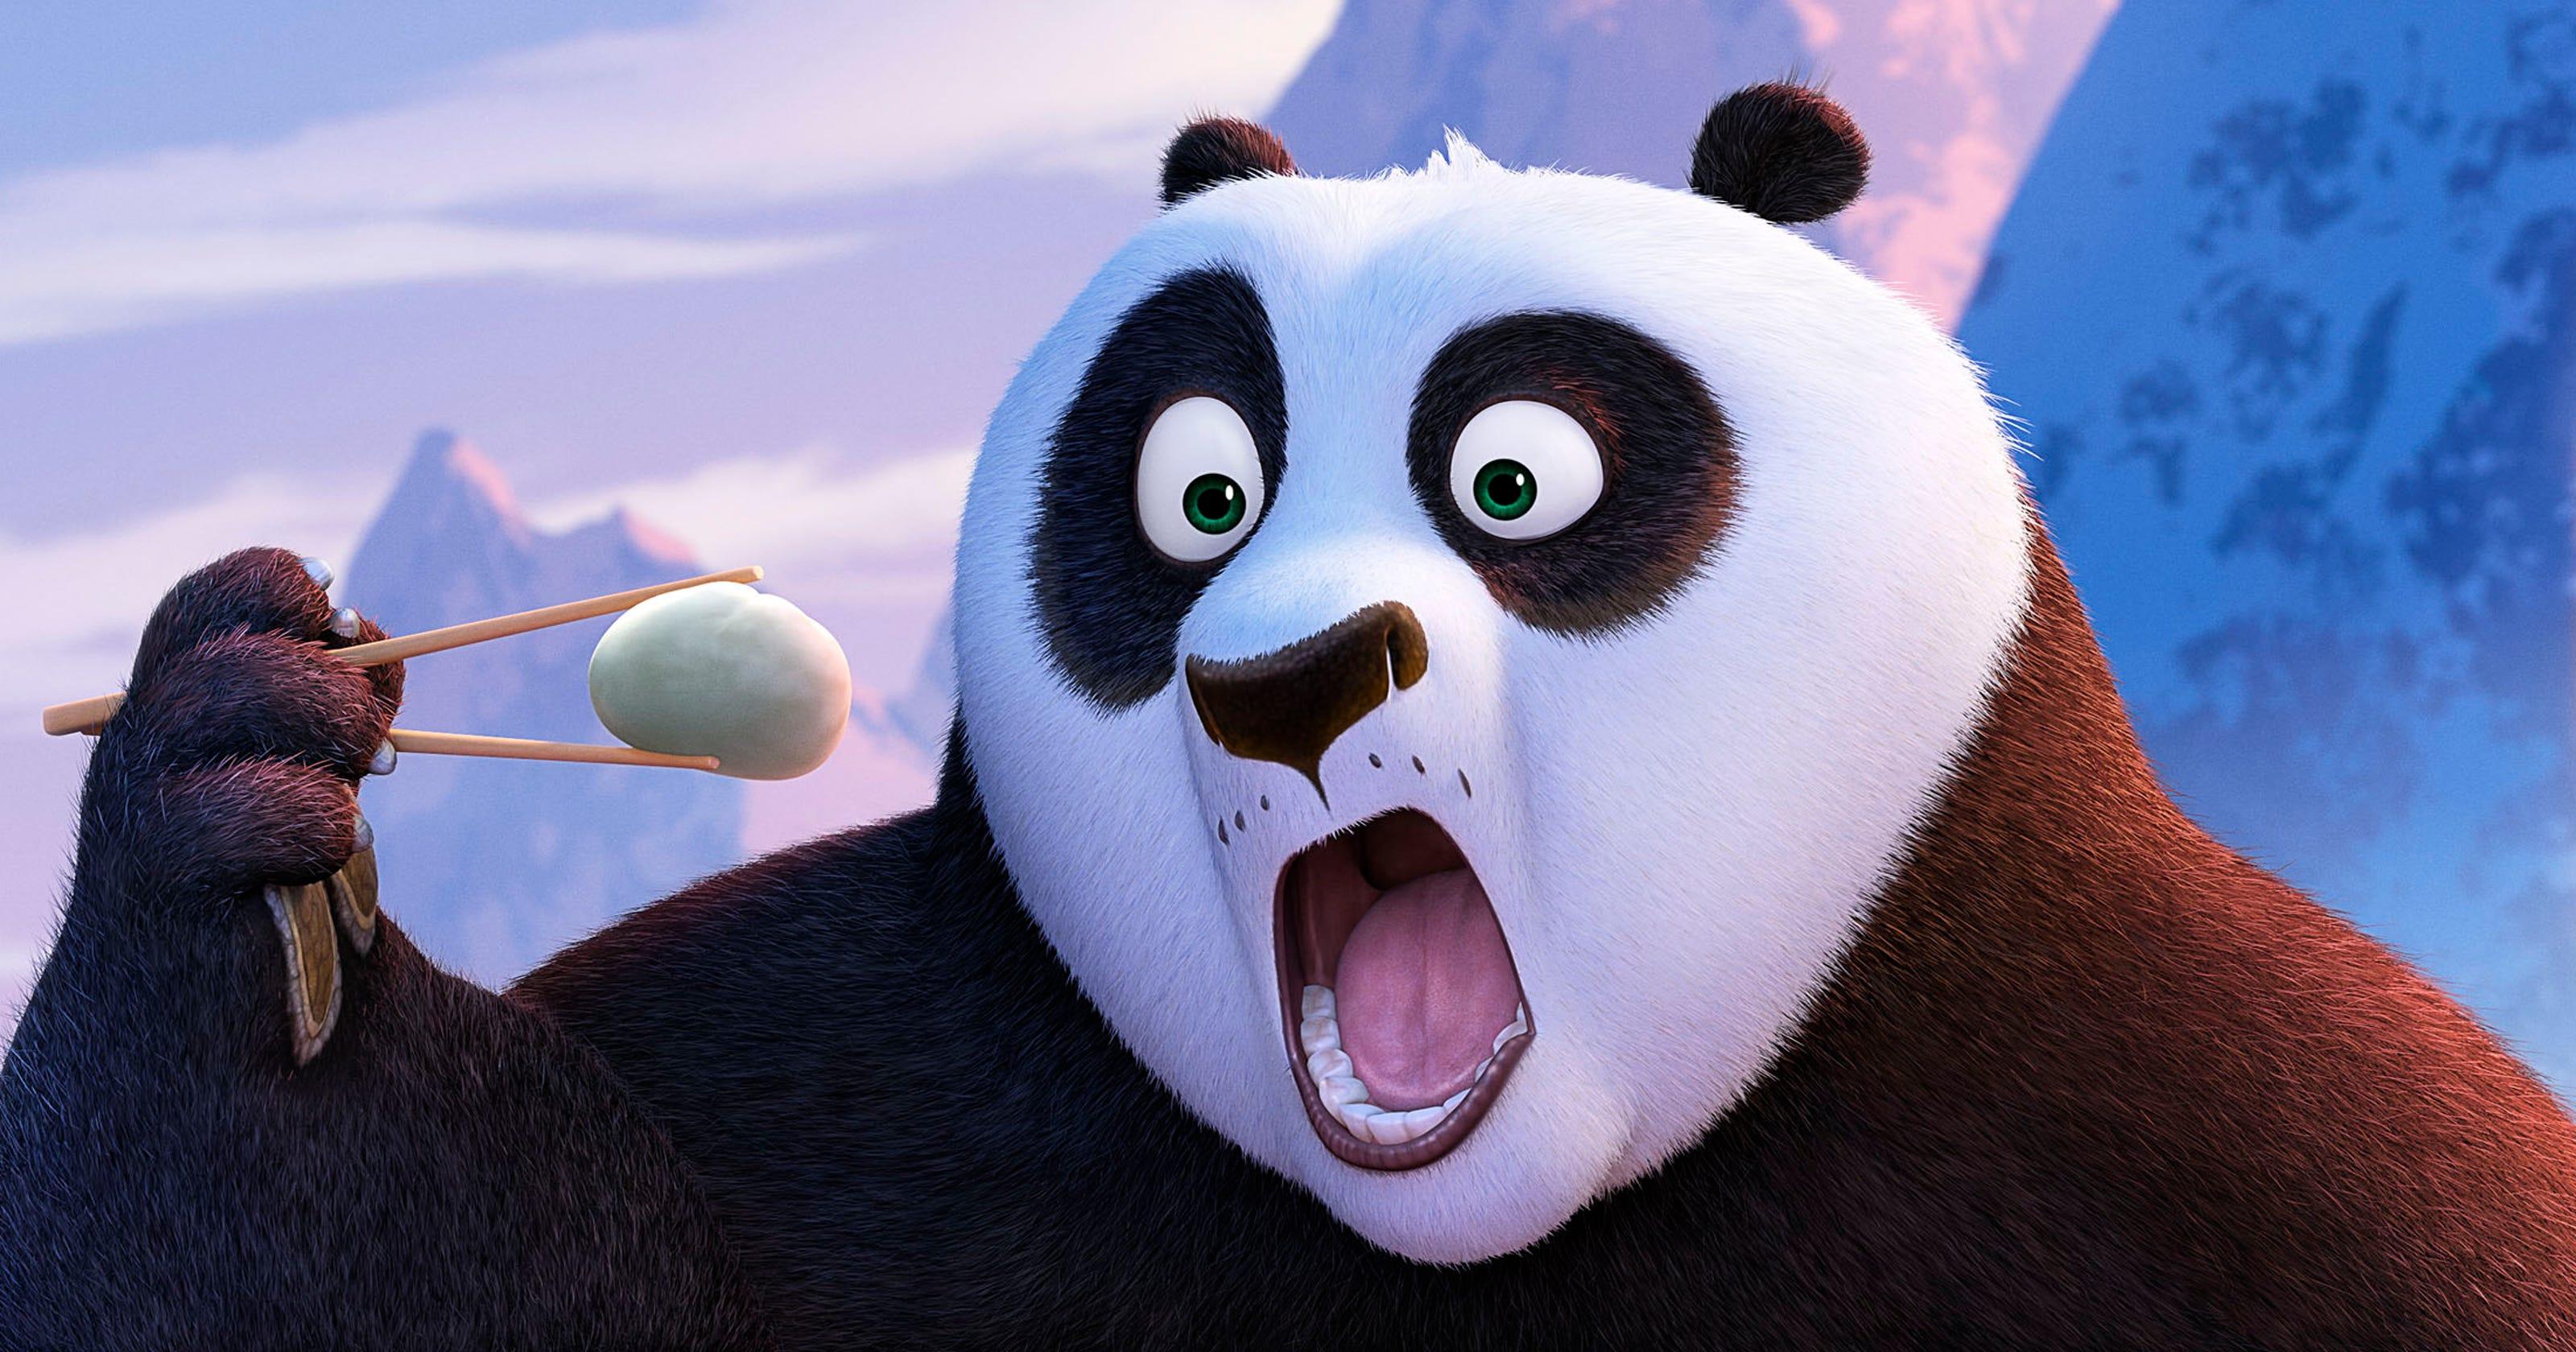 Поздравление новым, прикольные картинки кунг фу панда